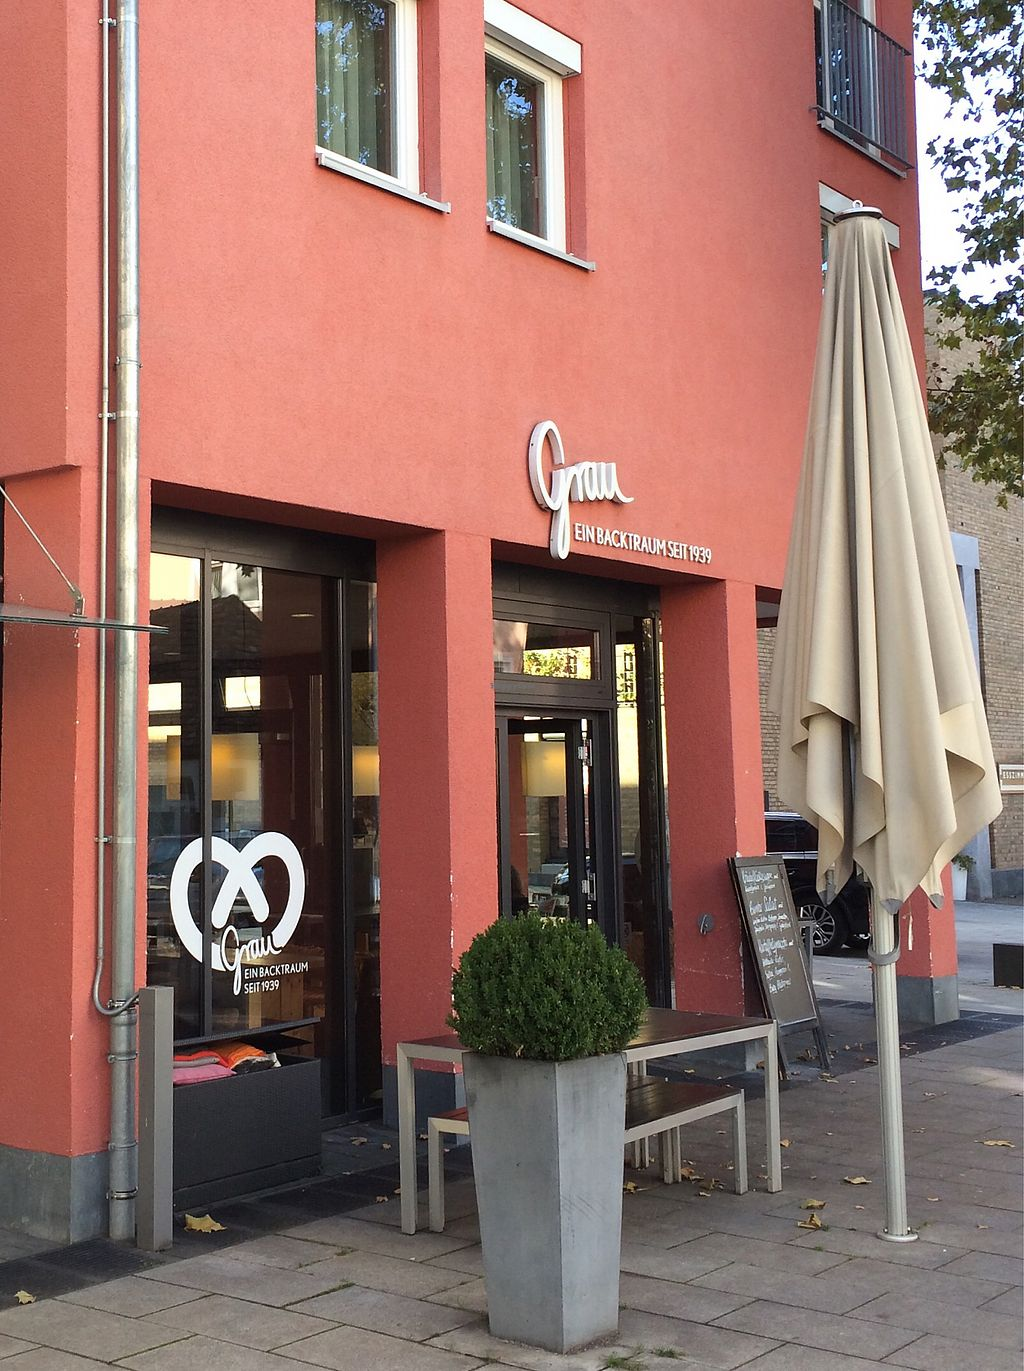 Cafe Grau Fellbach Restaurant Happycow